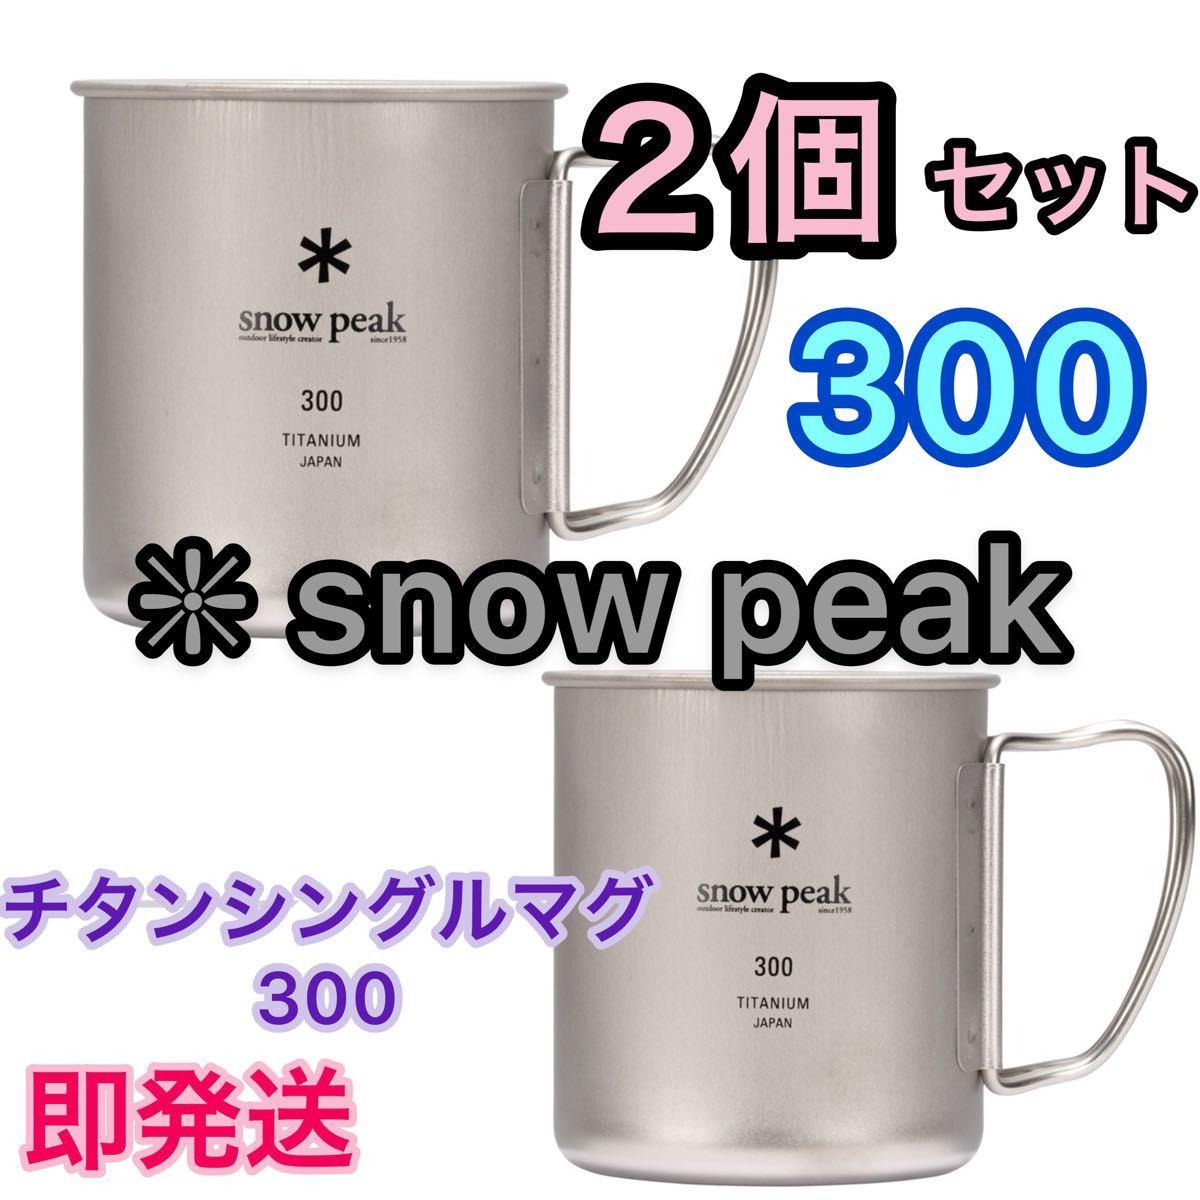 スノーピーク チタンシングルマグ 300 ★2個セット ★【新品未使用】 snow peak